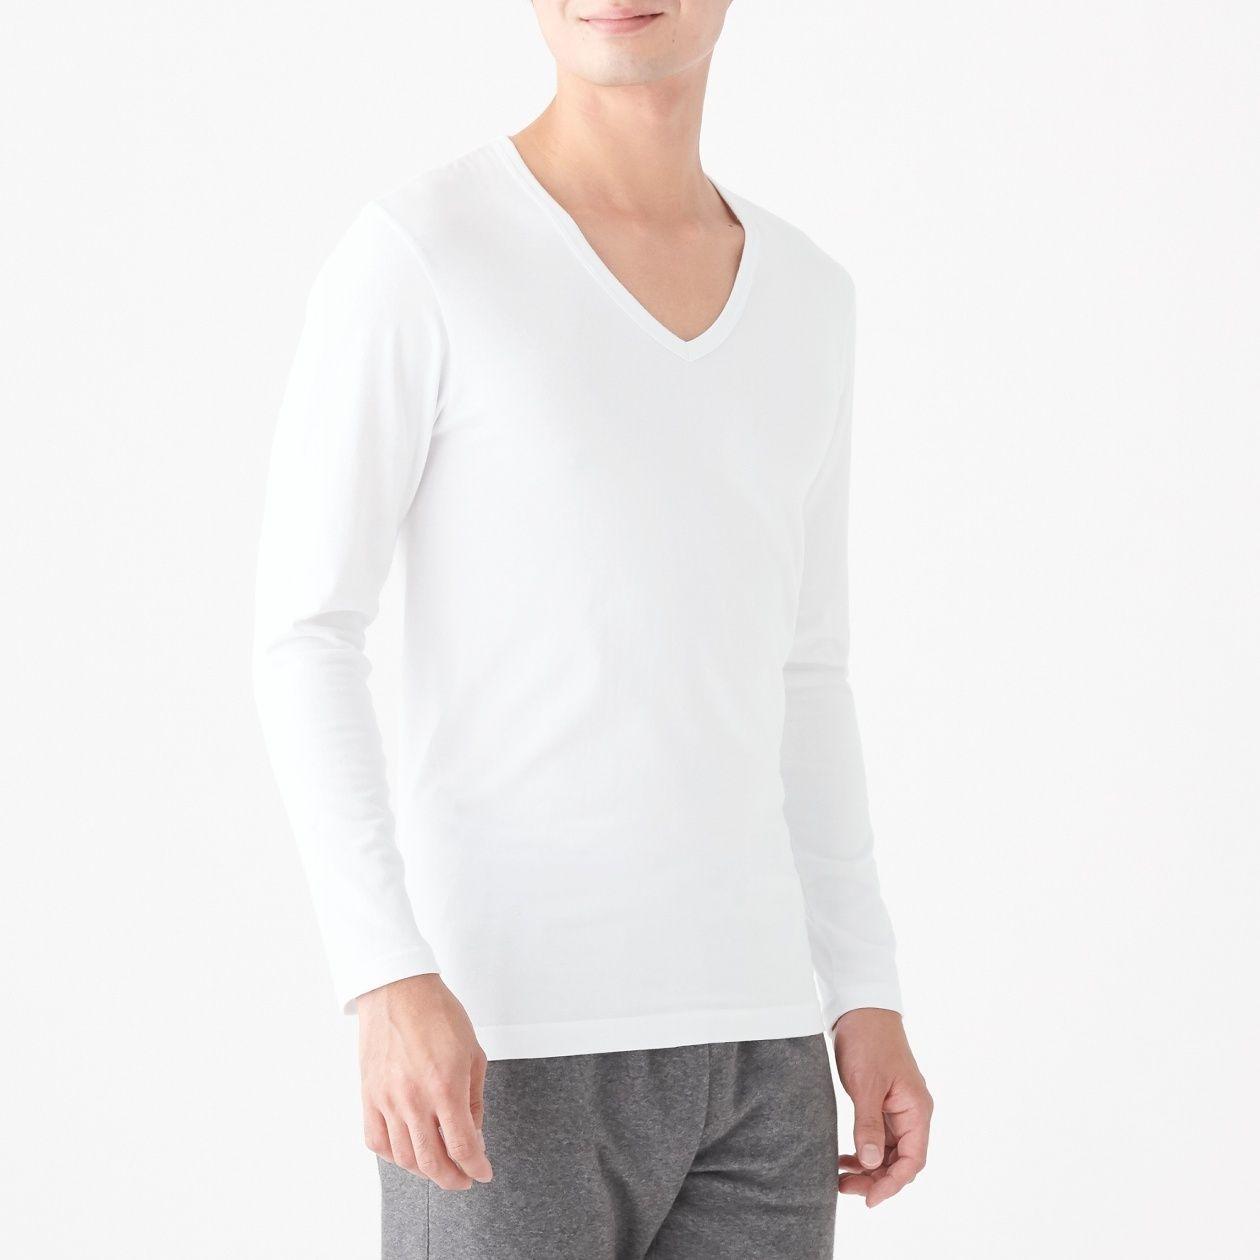 綿であったかVネック長袖Tシャツスタイル写真